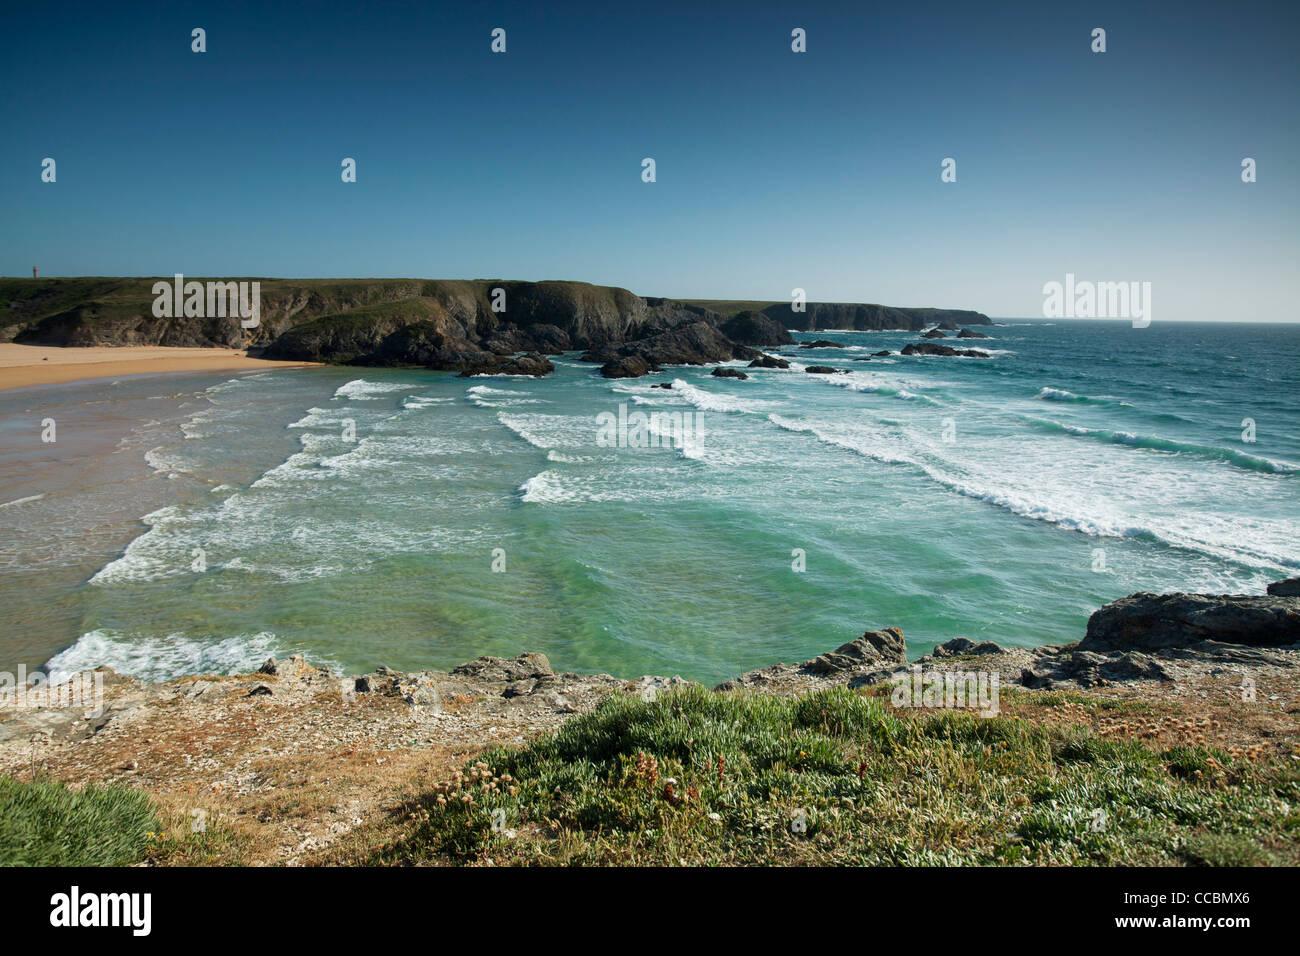 Plage de donnant, Belle-île-en-Mer, Morbihan, Bretagne, France Photo Stock